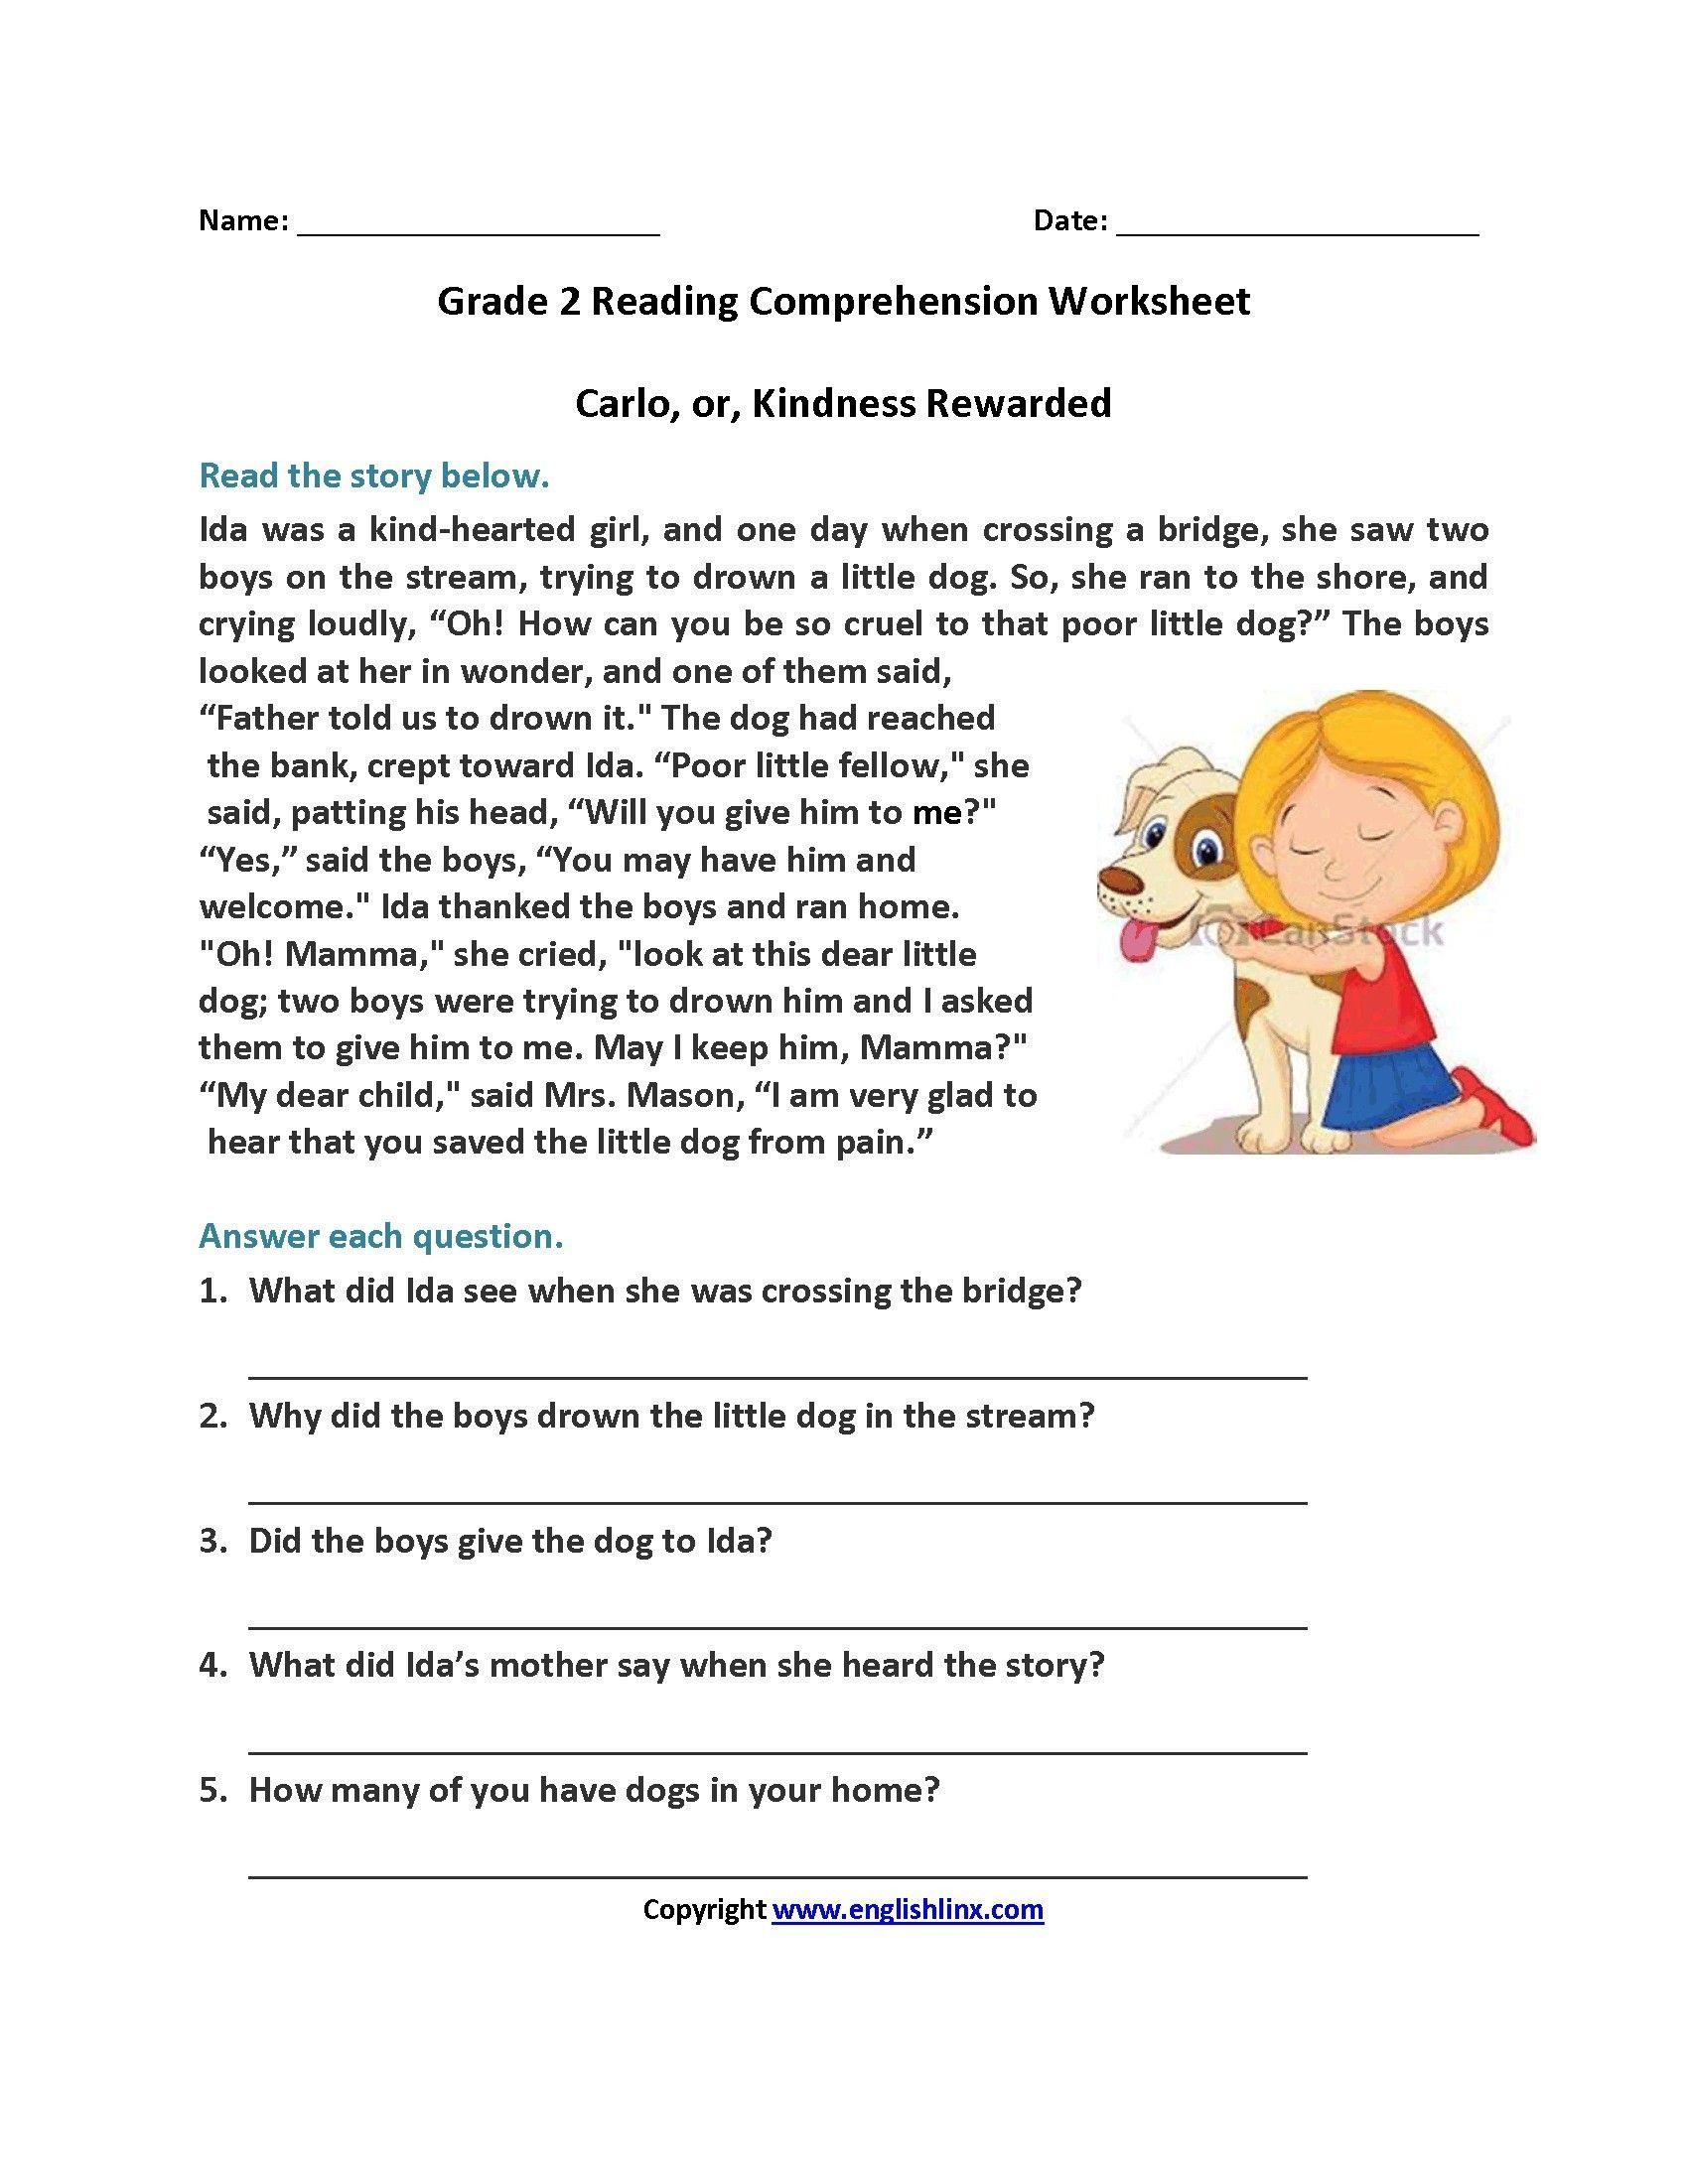 Free 2nd Grade Comprehension Worksheets 11 Qualified Reading Prehension Worksheets Free Printable